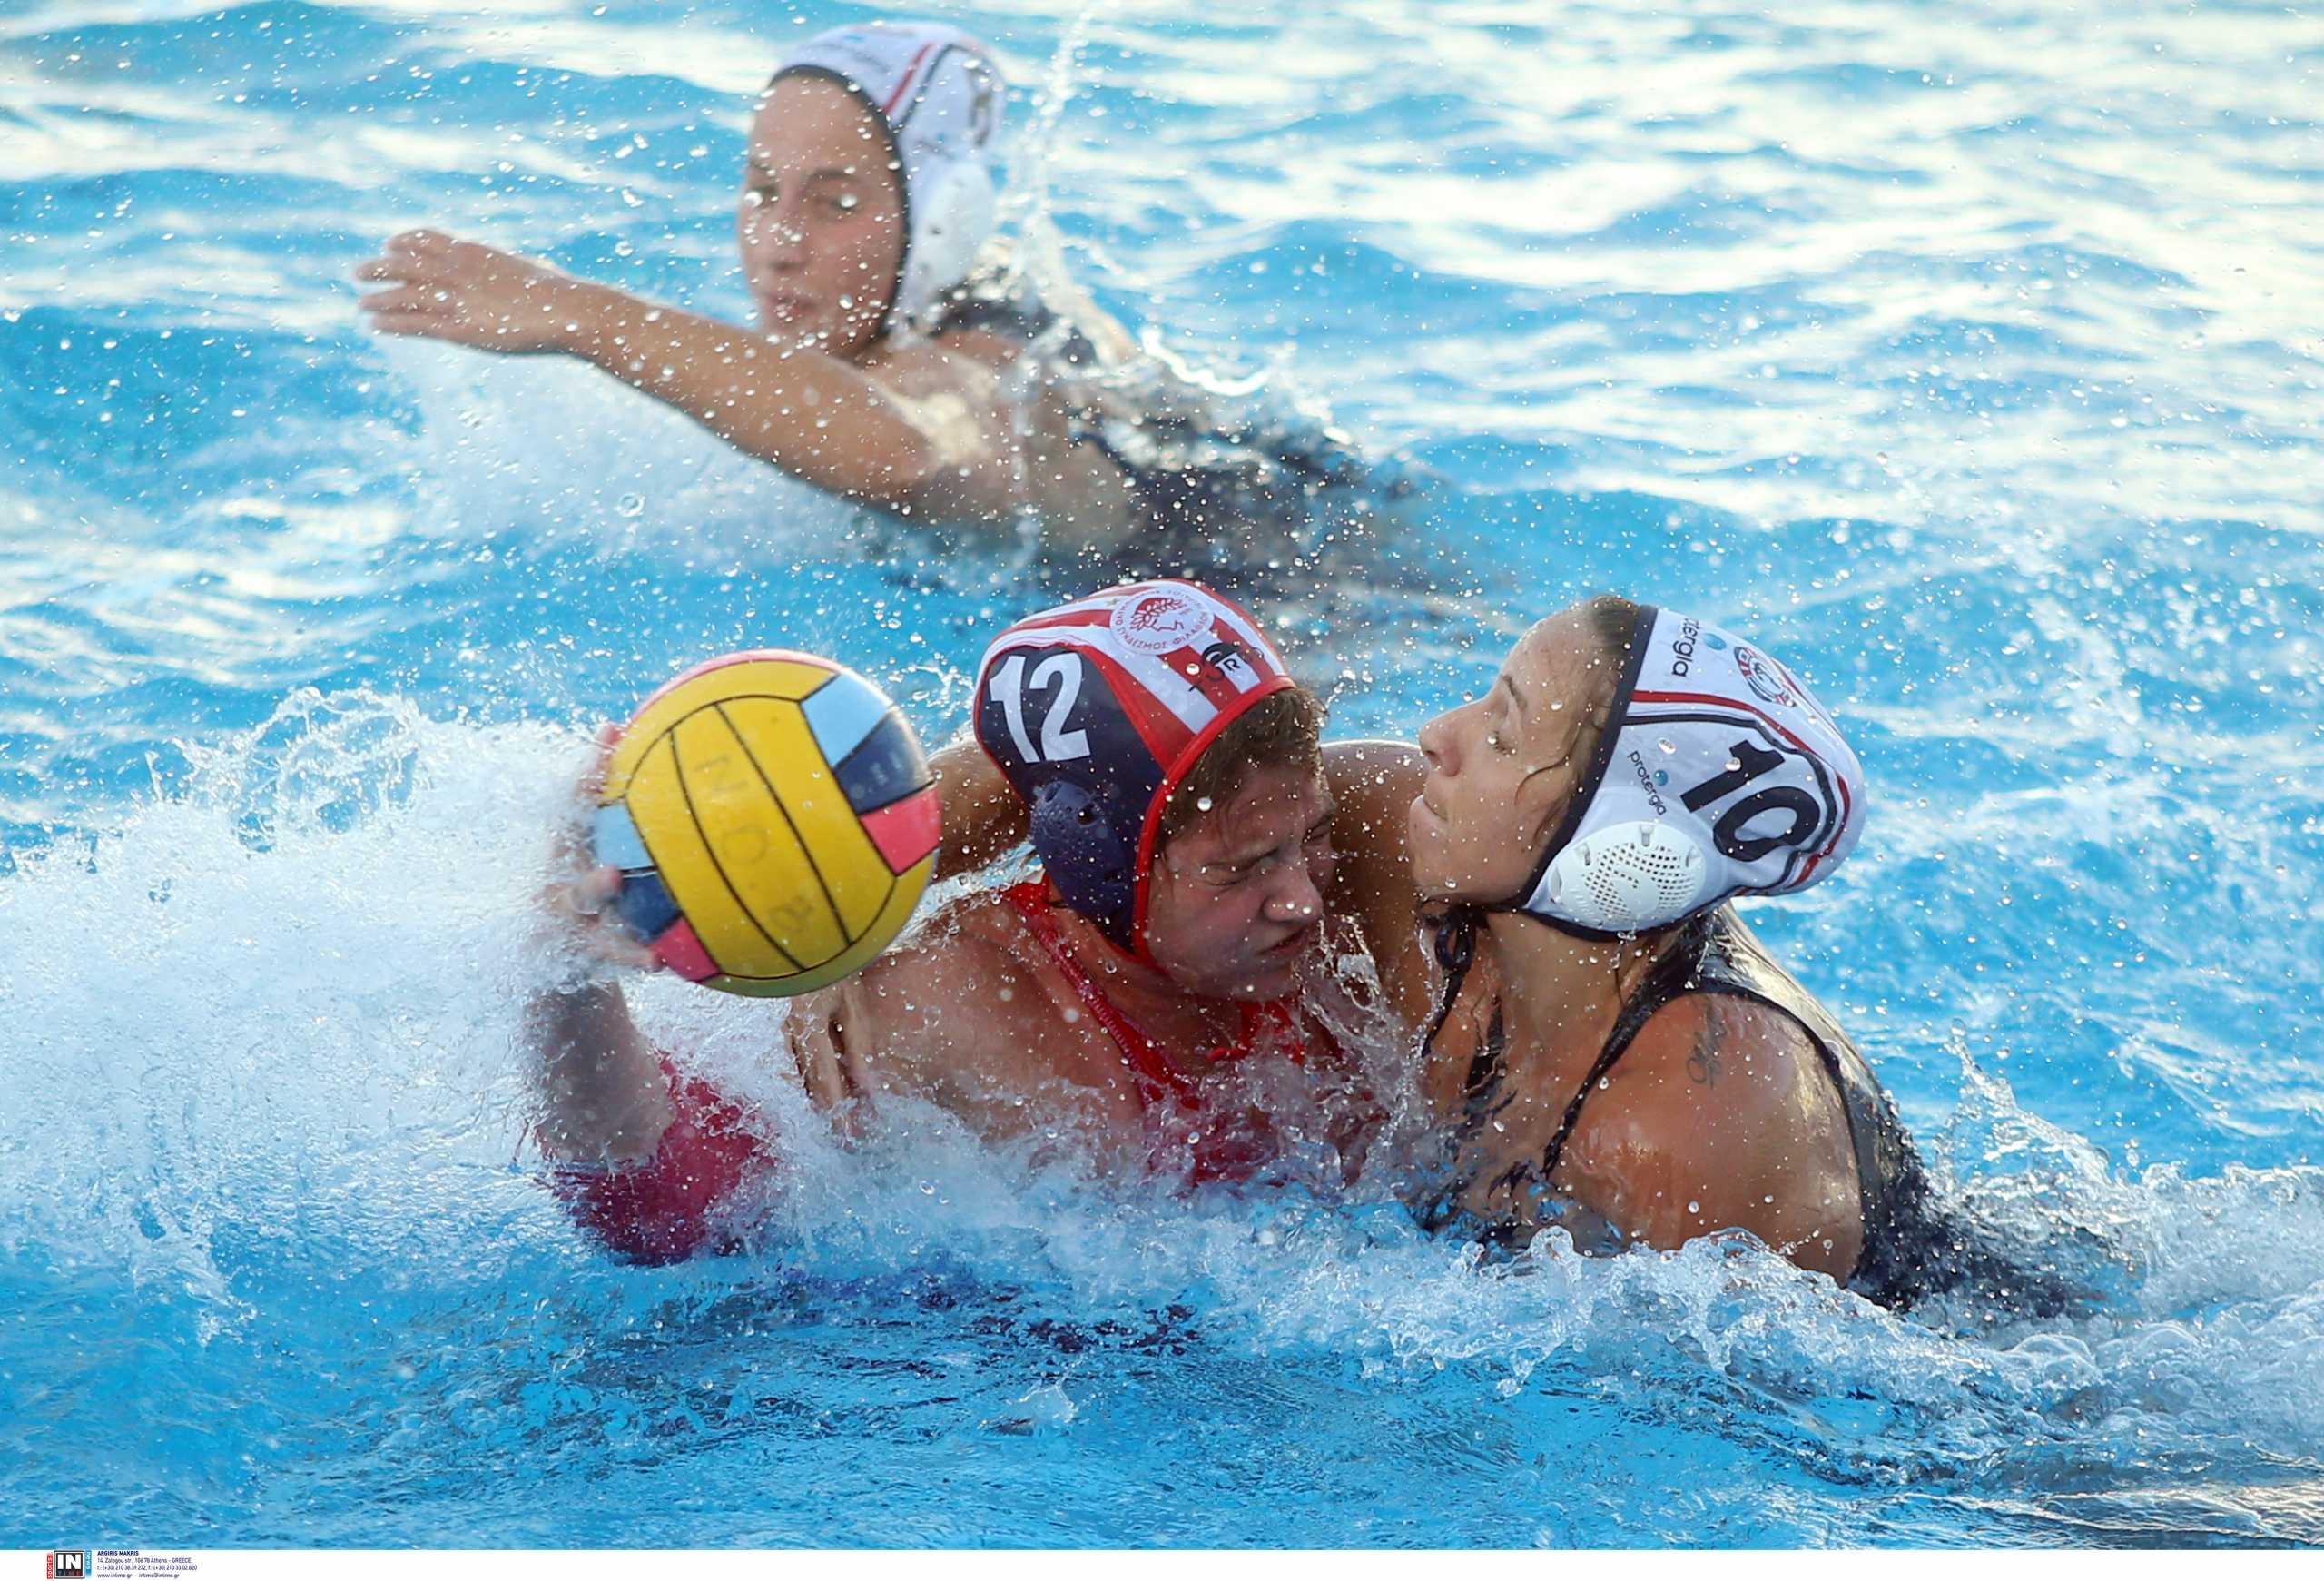 Βουλιαγμένη – Ολυμπιακός: Μία νίκη από το τρεμπλ η ομάδα του Πειραιά